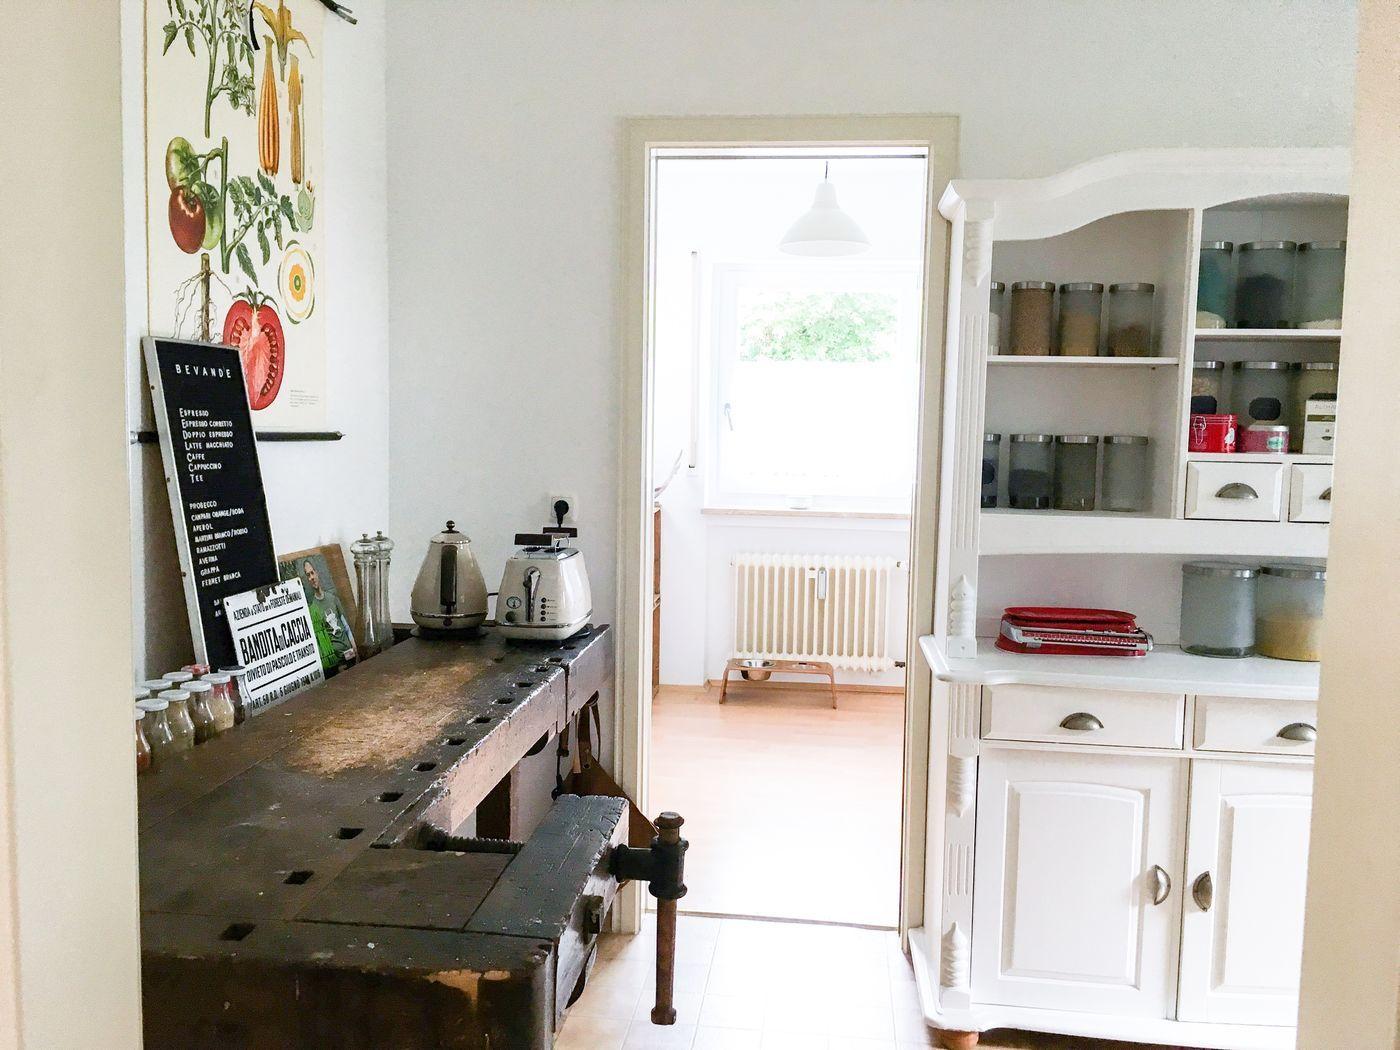 Ungewöhnlich Deko Ideen Für Küche Tee Bilder - Küchenschrank Ideen ...